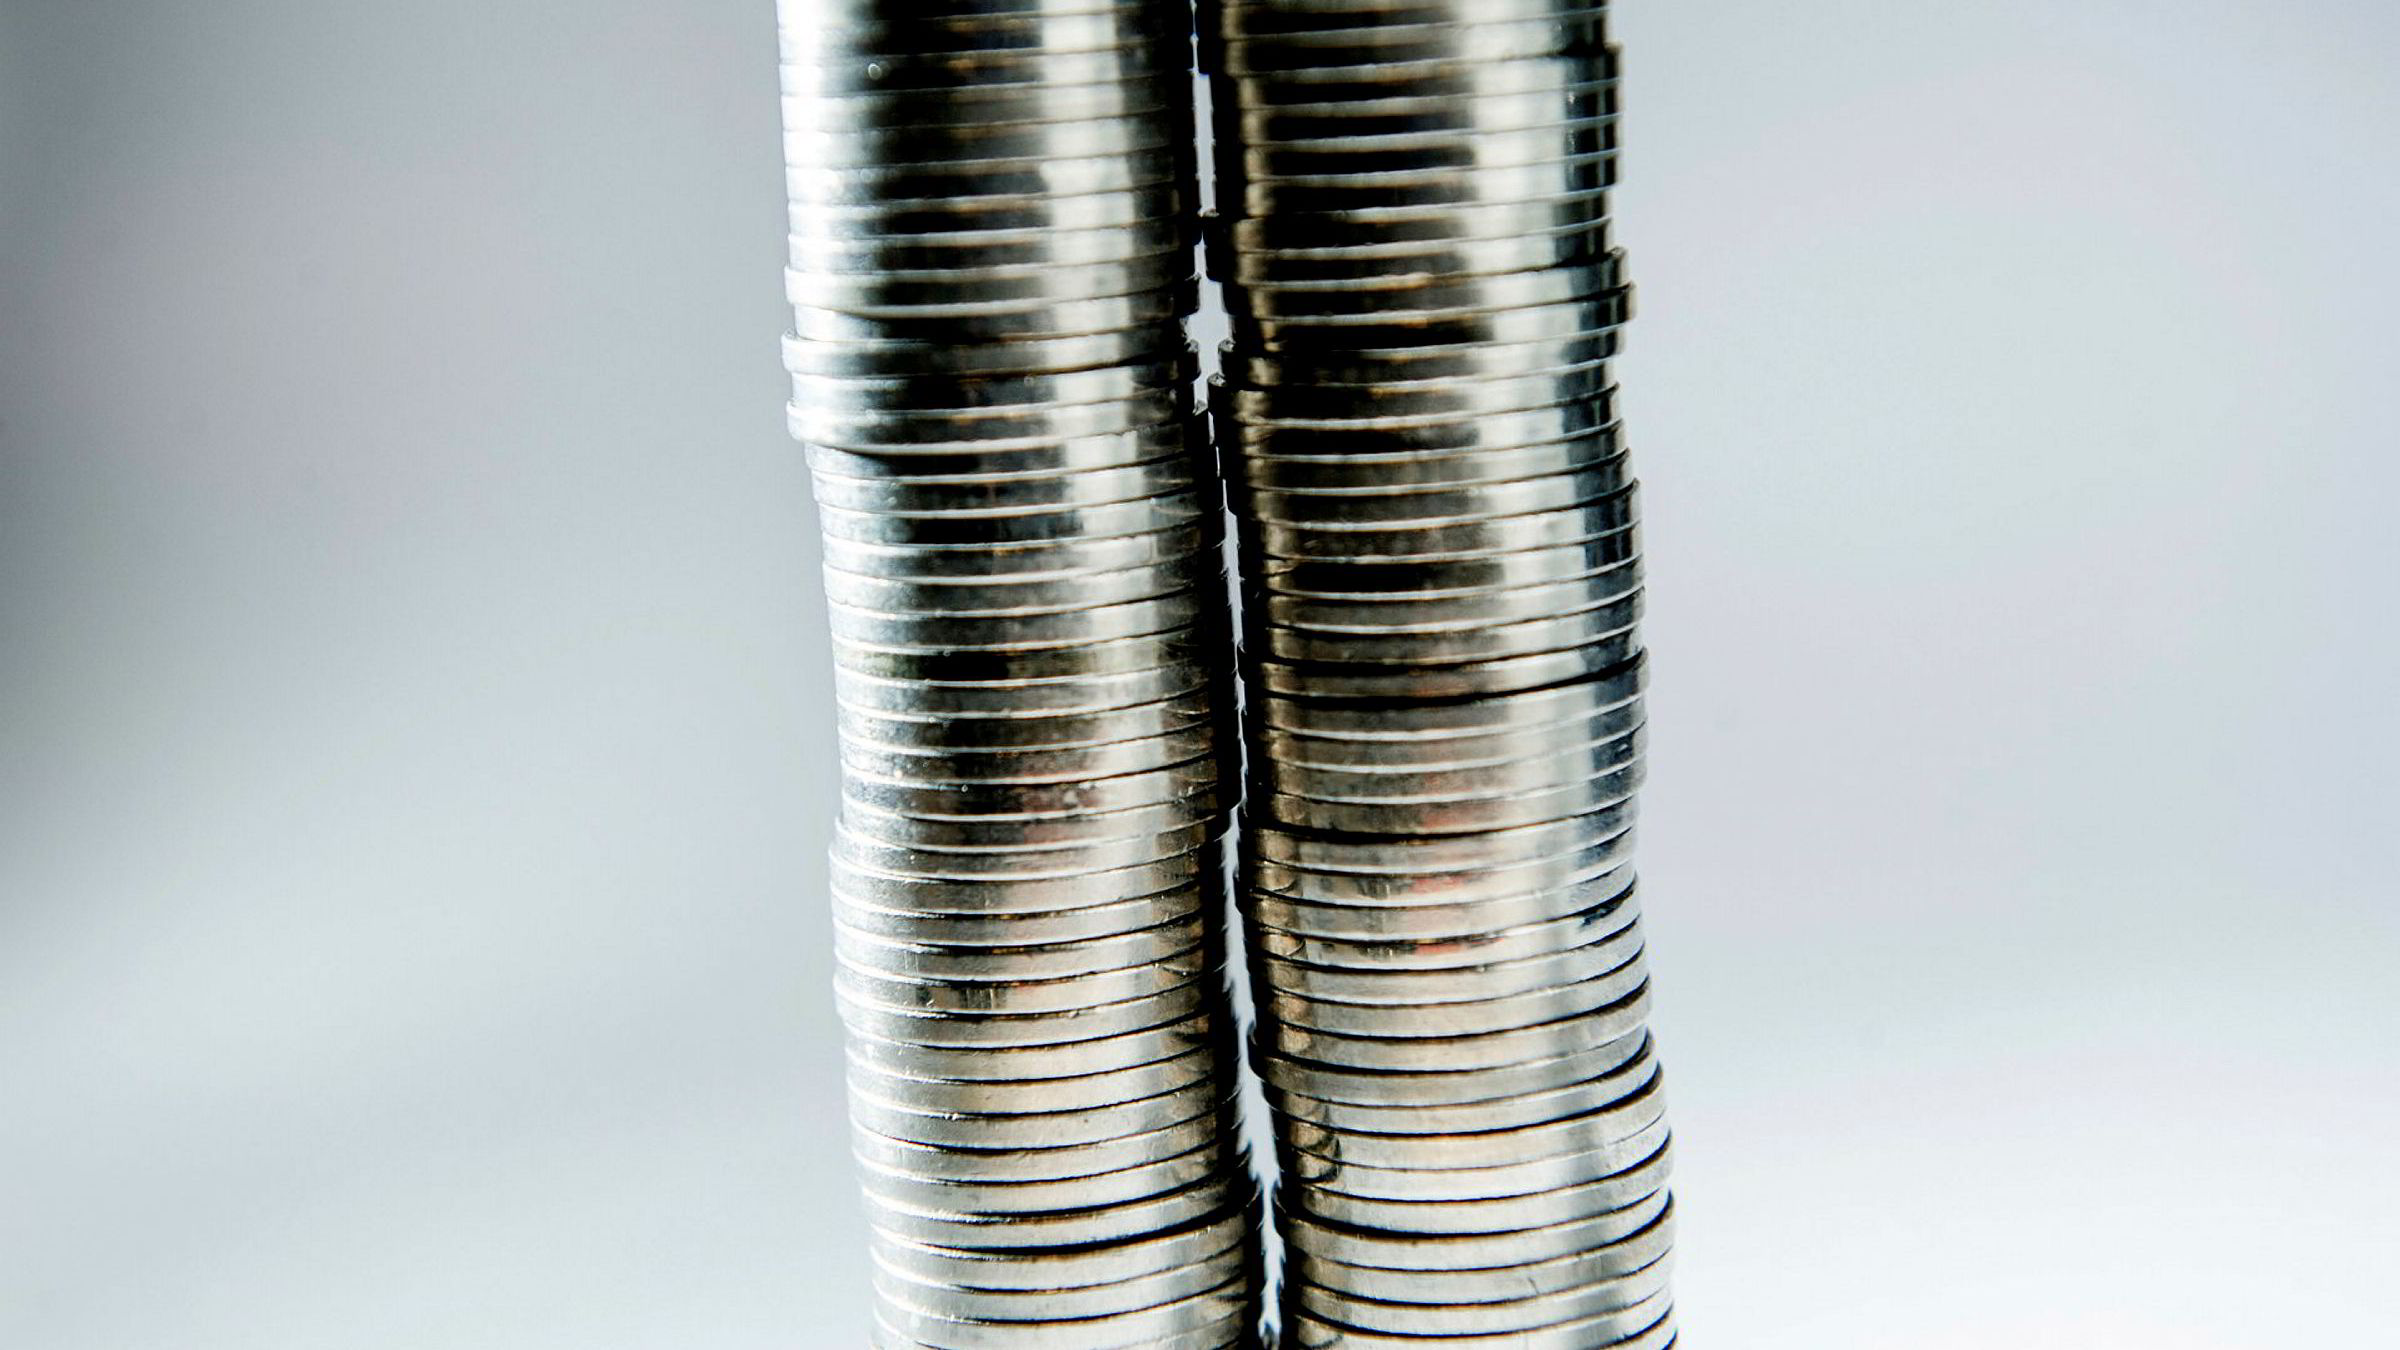 Åpner du aksjesparekonto i år, slipper du å betale skatt når du selger aksjer og fond.